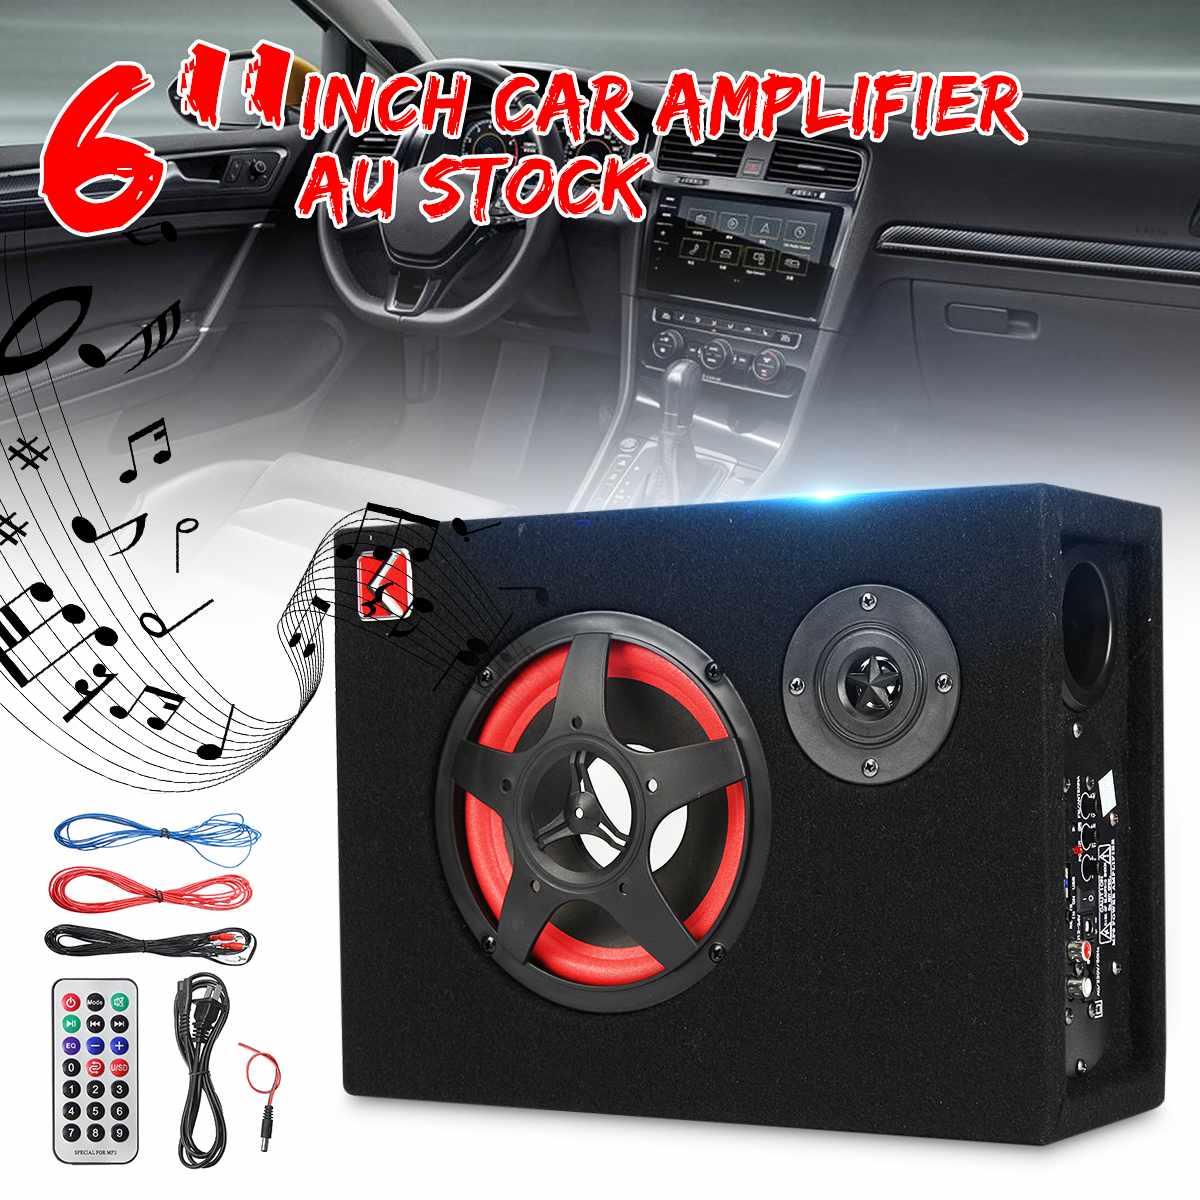 350W głośnik audio stereo Bass pod siedzeniem aktywny subwoofer samochodowy potężny 4oHm 6 cali karta fotelik samochodowy moc 12V 24V 220V głośnik